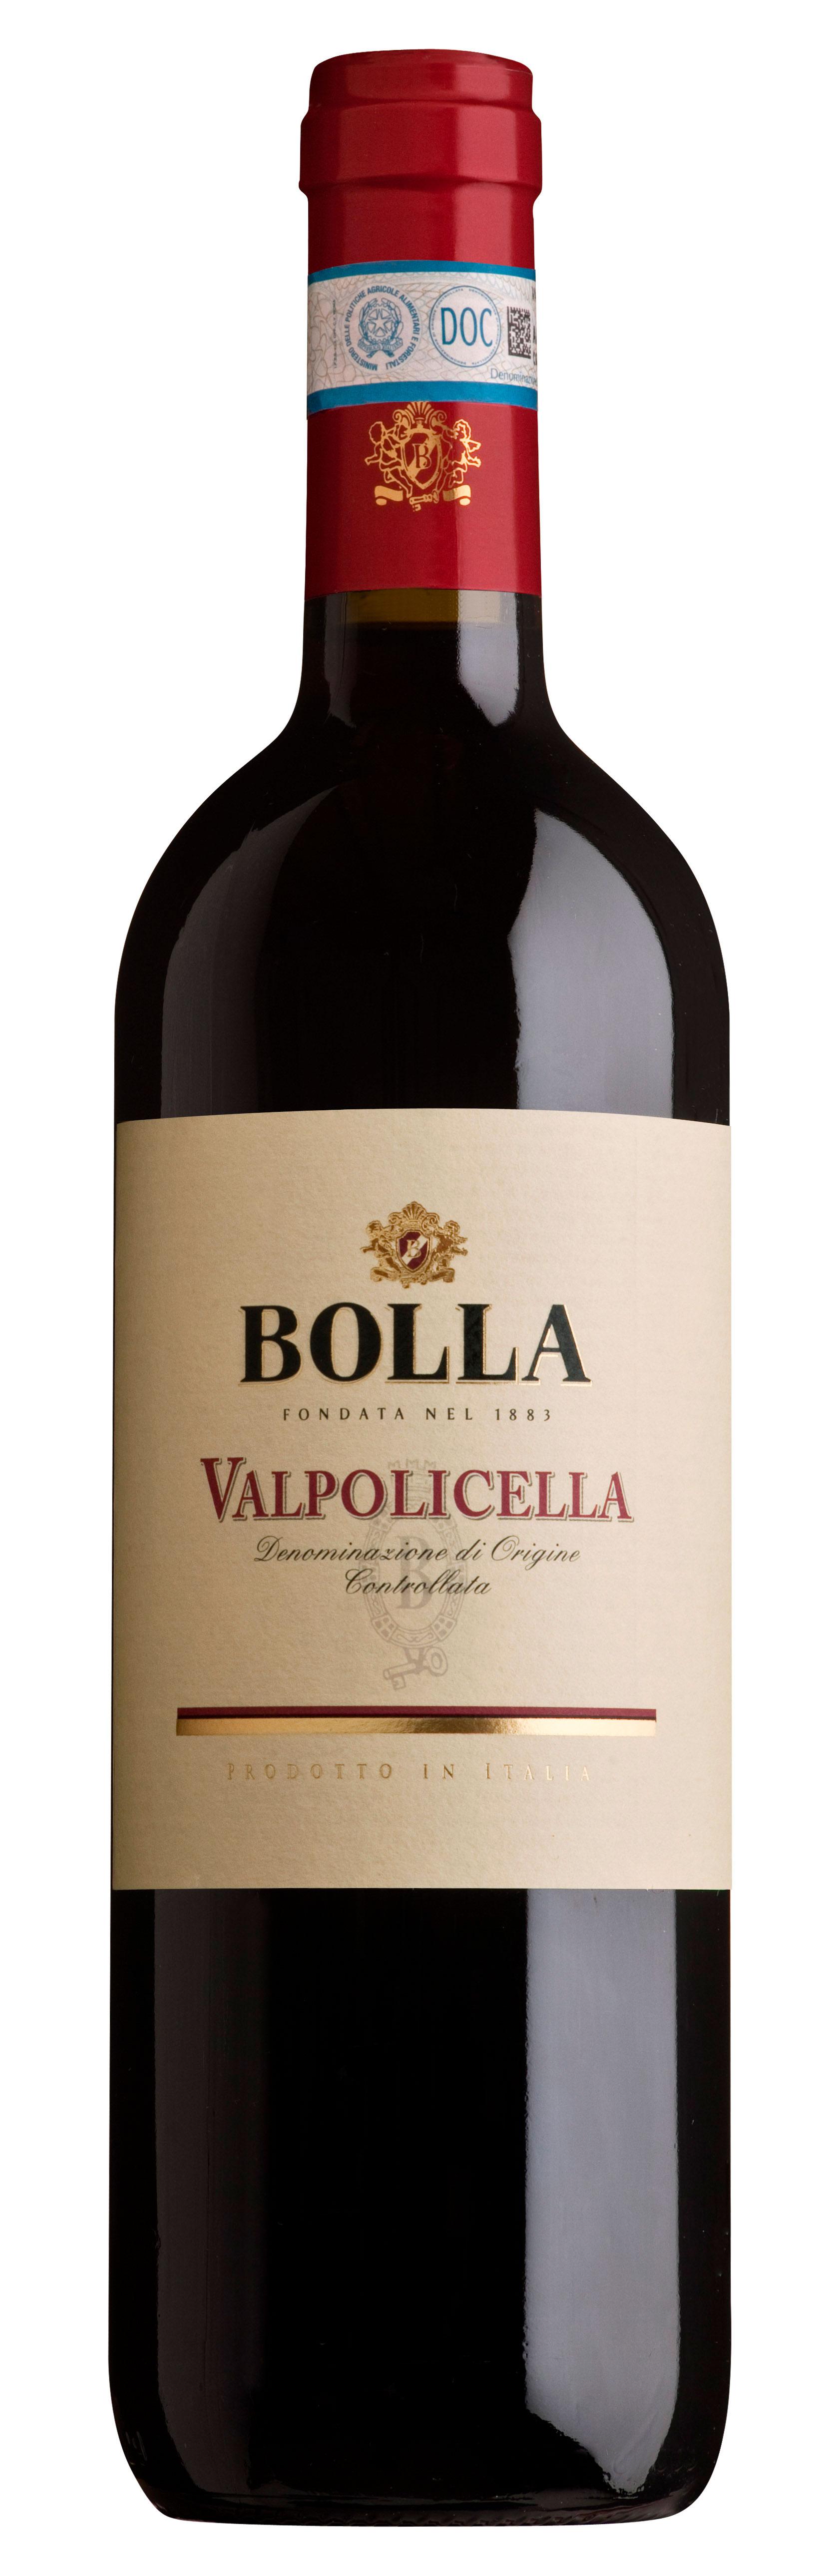 Valpolicella Classico ( Bolla ) 2010